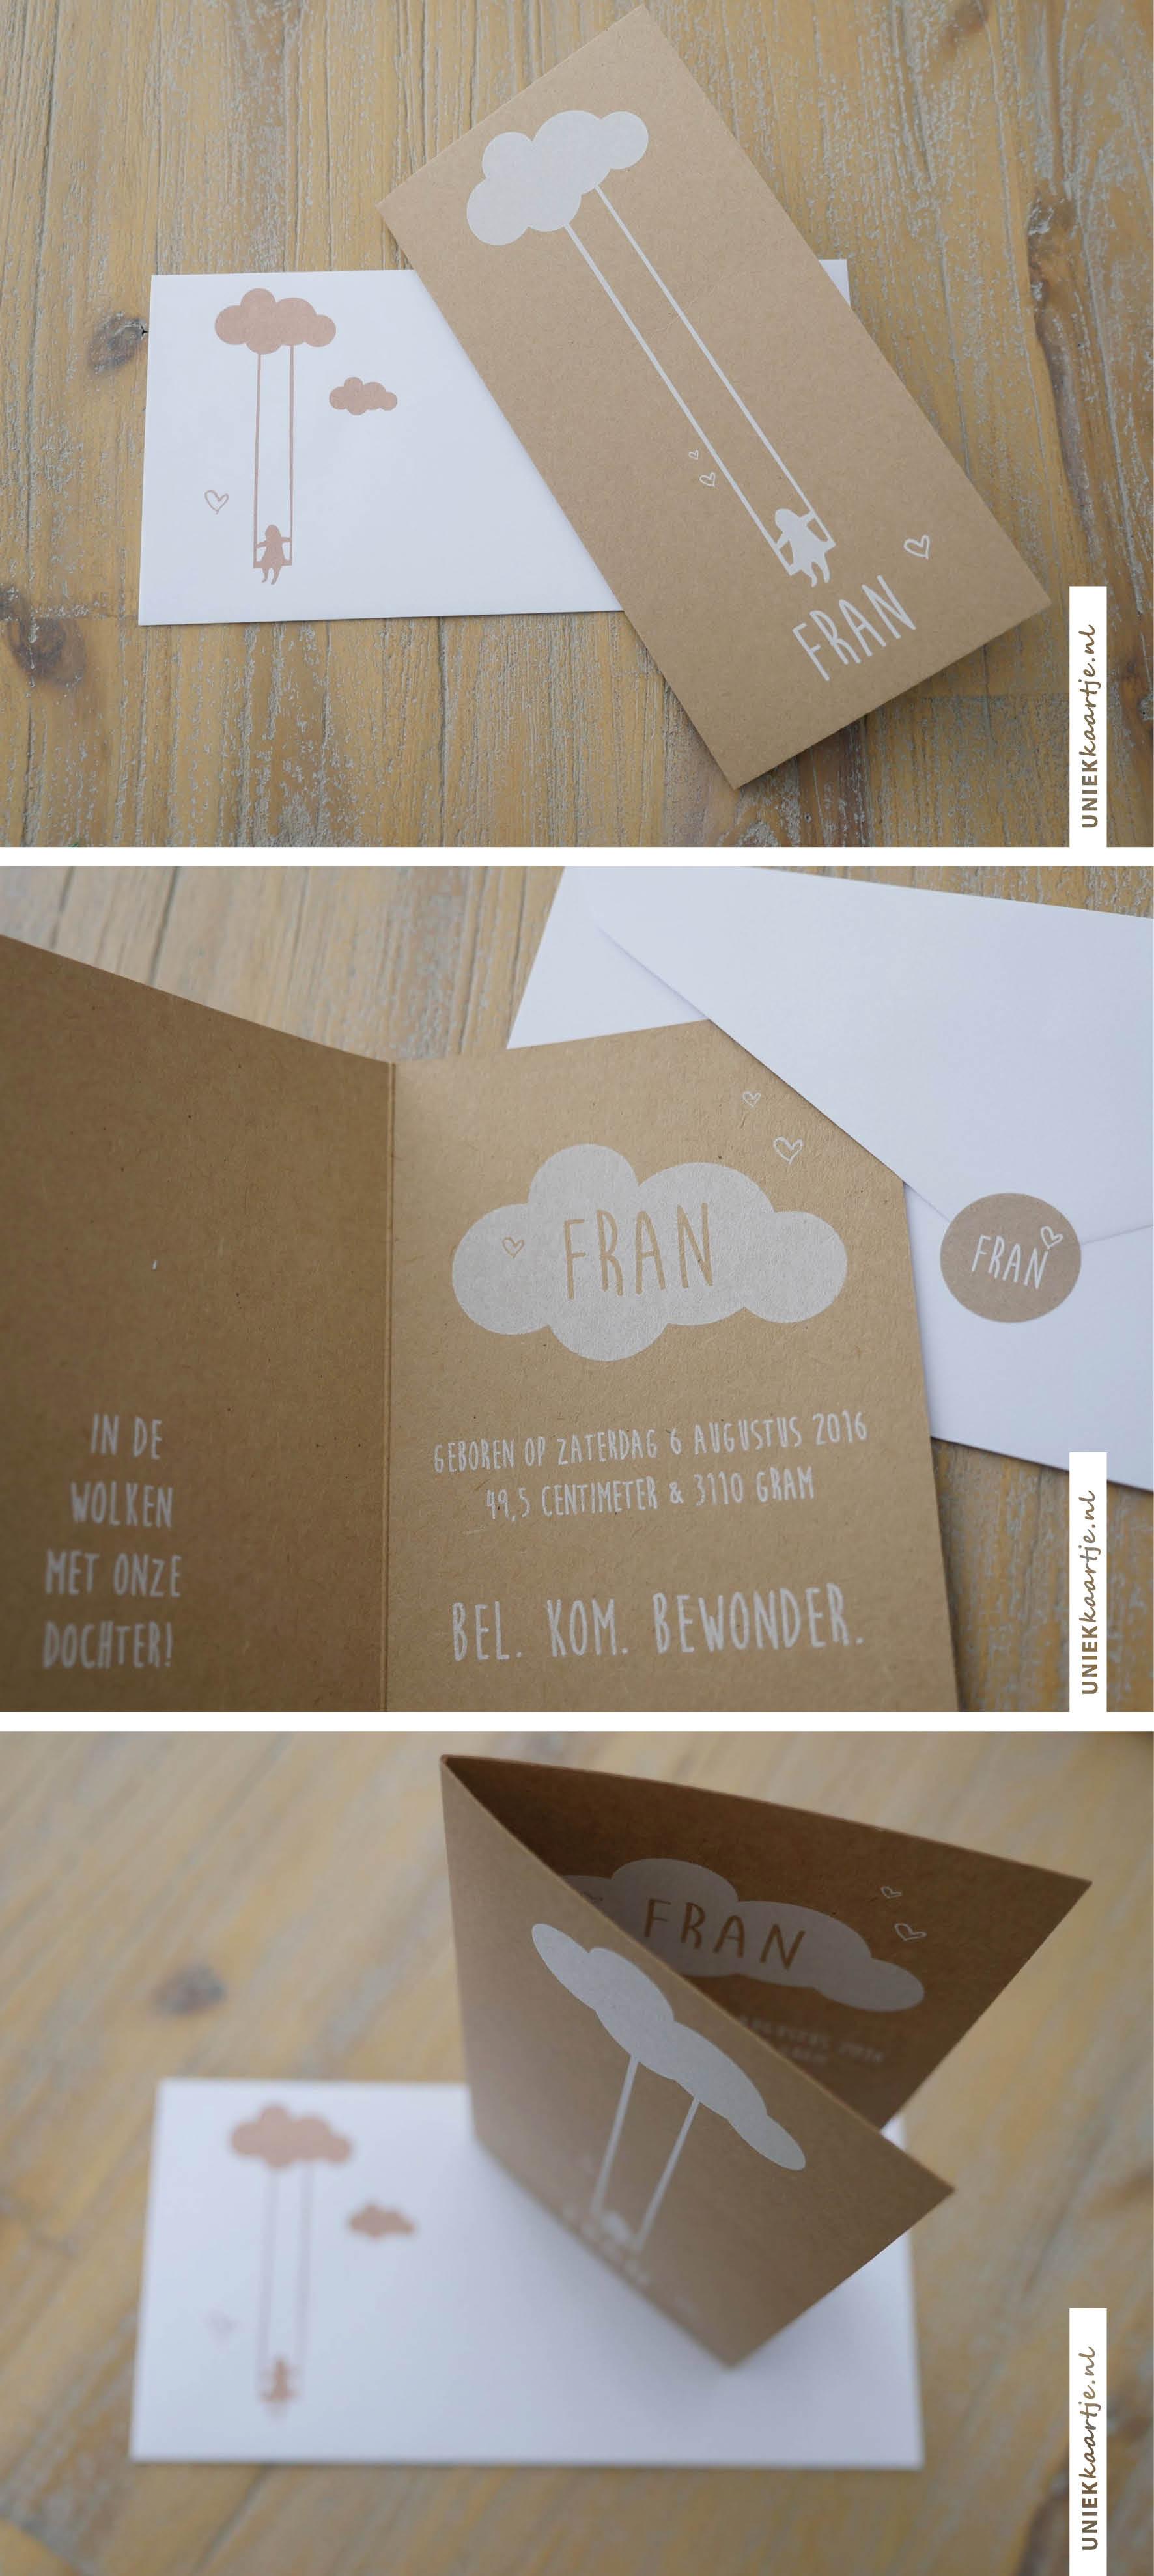 Rustiek geboortekaartje met een meisje dat schommelt aan een wolk, met witte inkt op echt kraft karton!